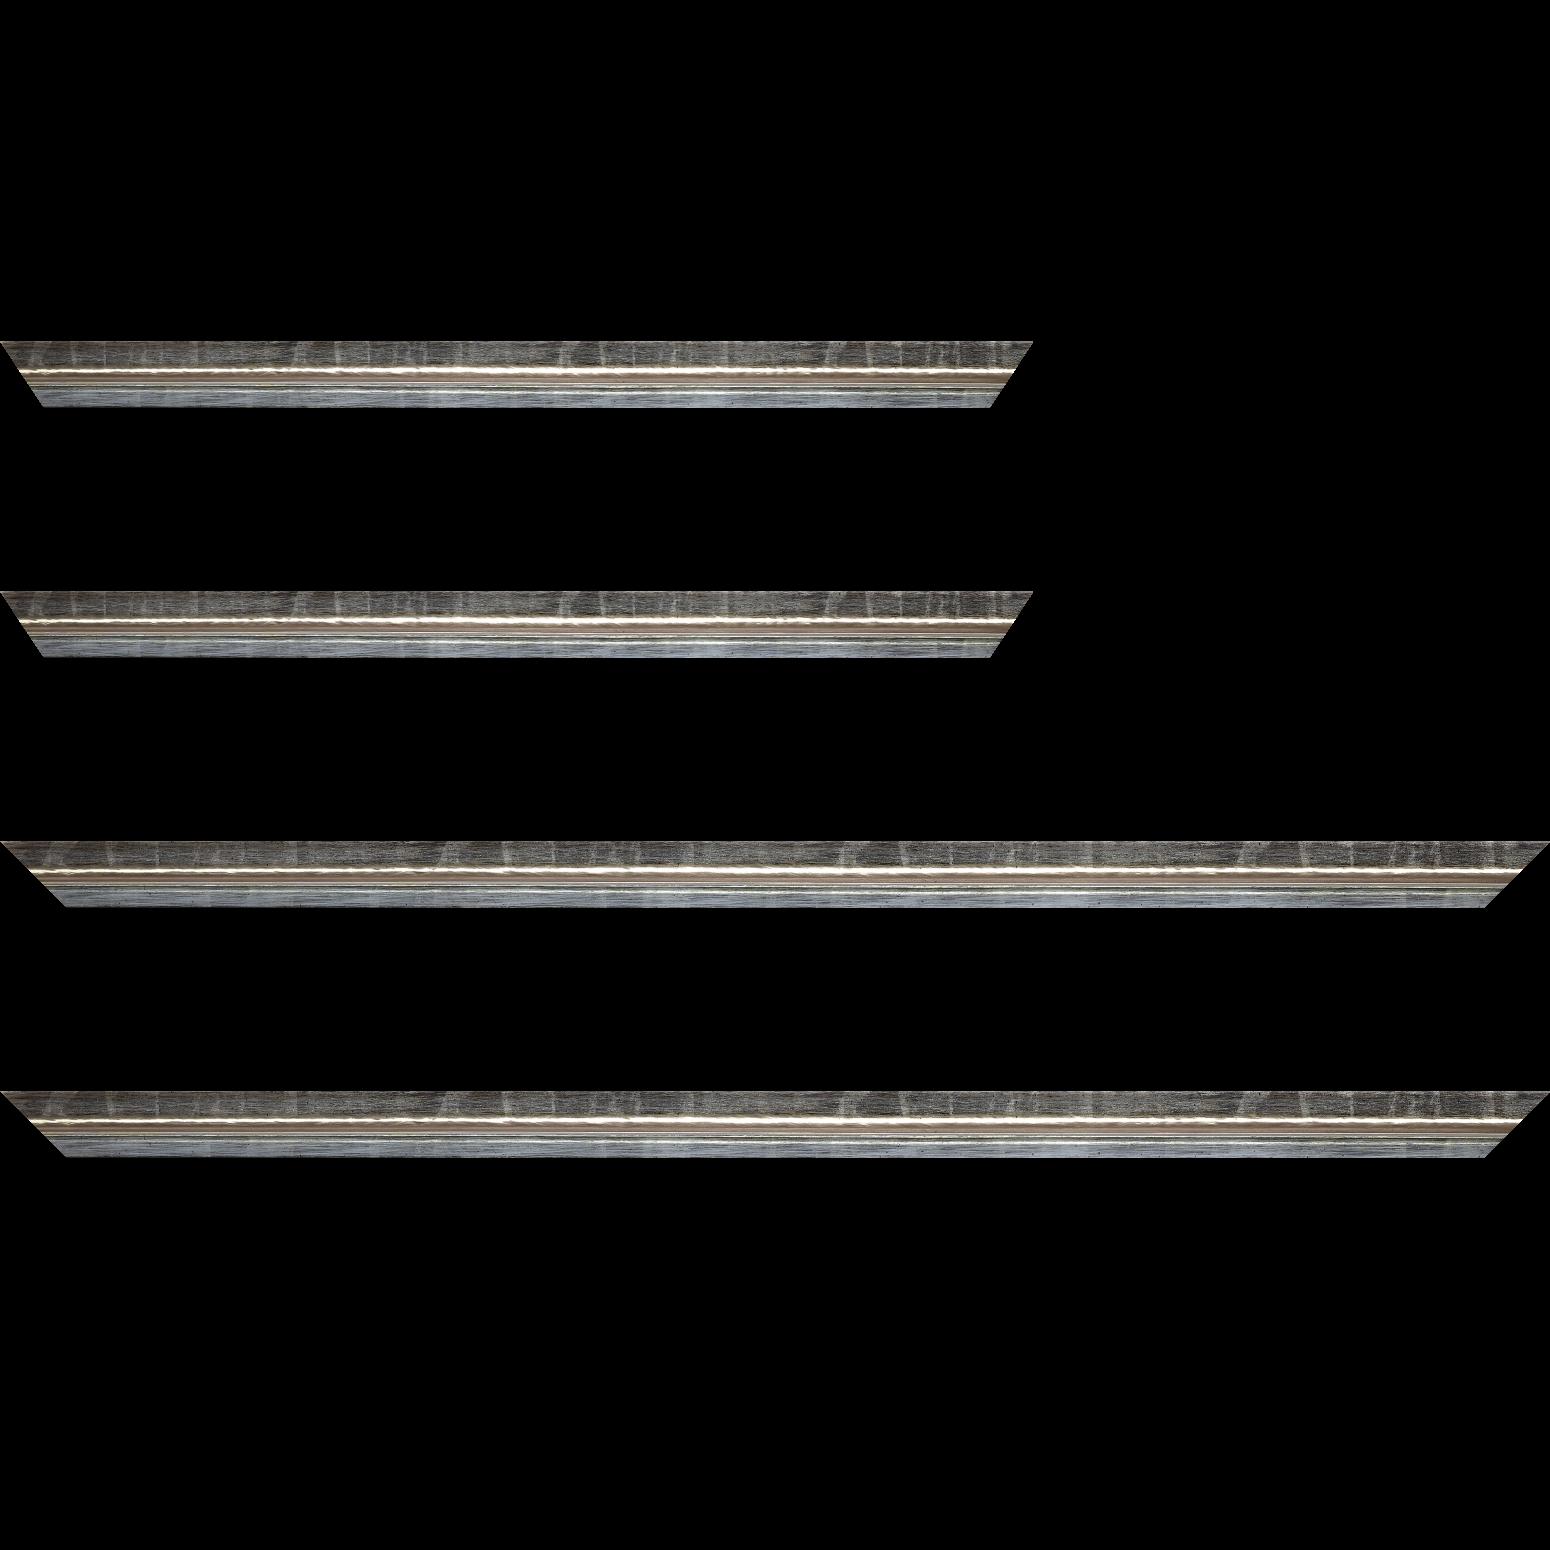 Baguette service précoupé Bois profil incurvé largeur 2cm couleur argent coté extérieur foncé. finition haut de gamme car dorure à l'eau fait main